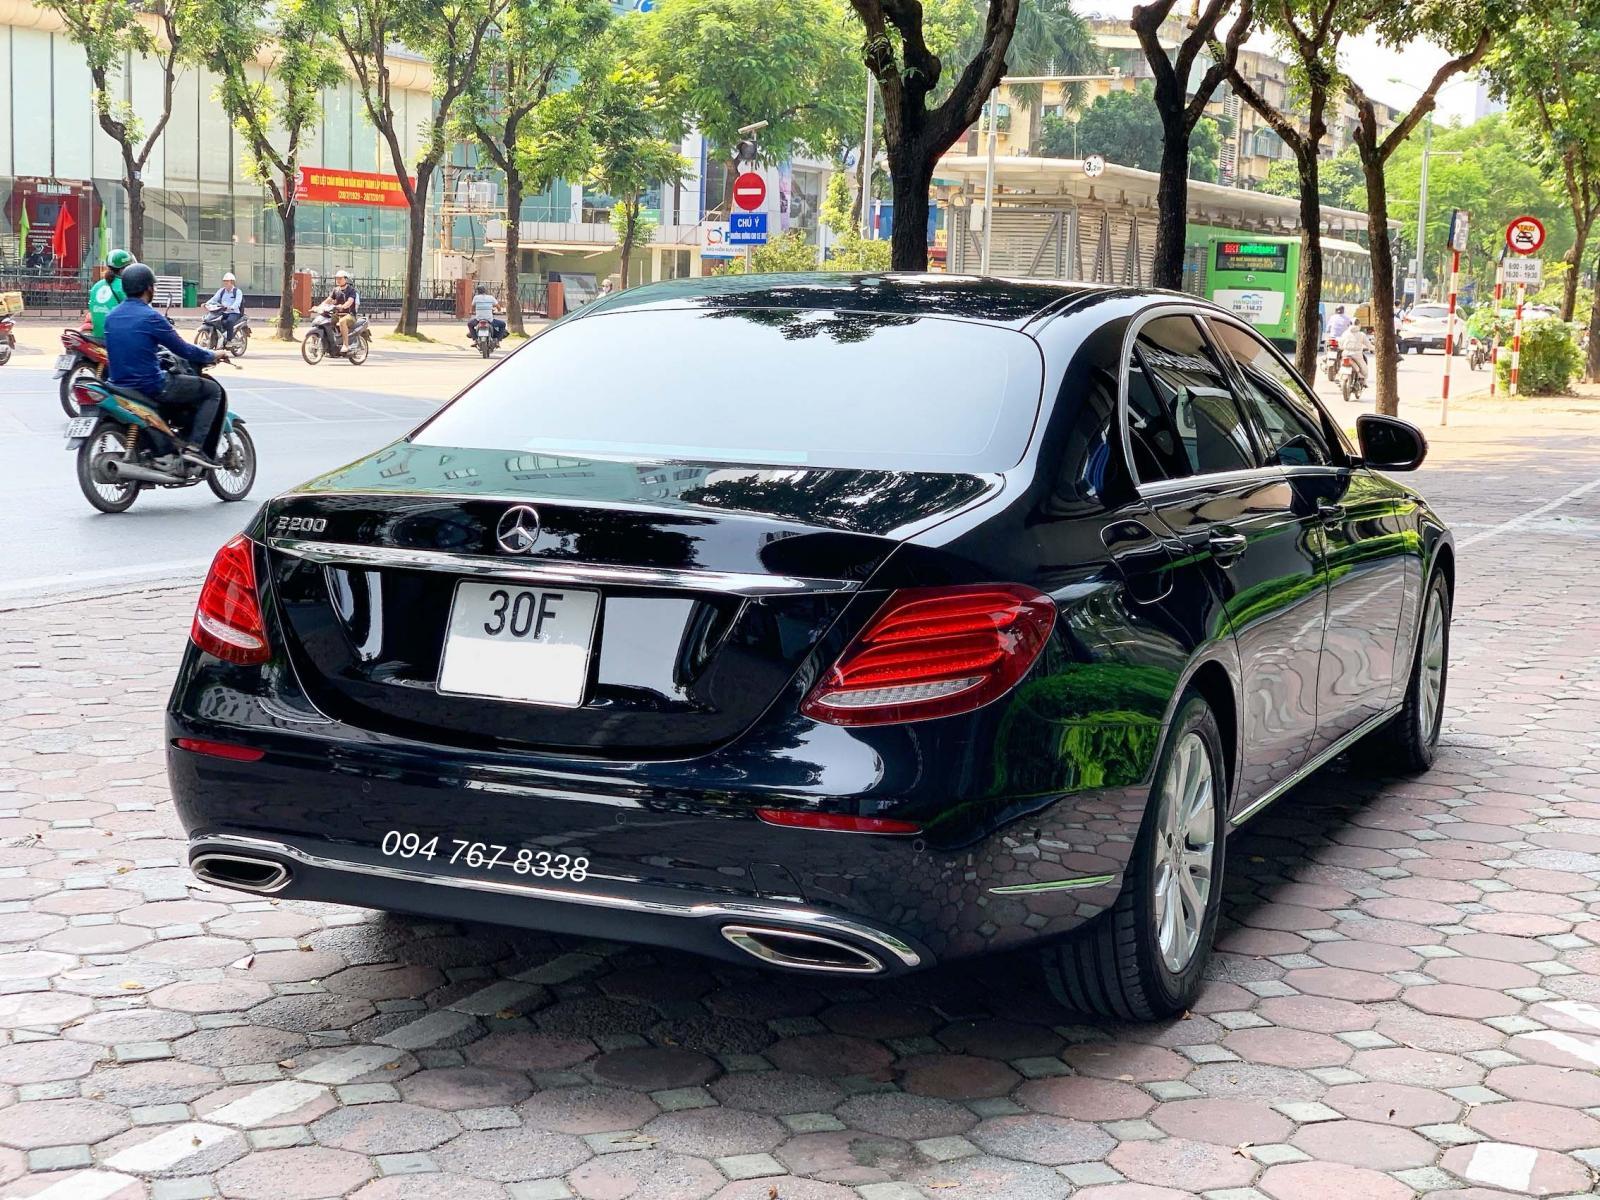 Bán Mercedes E200 2018 màu Đen chính chủ biển Hà Nội giá tốt